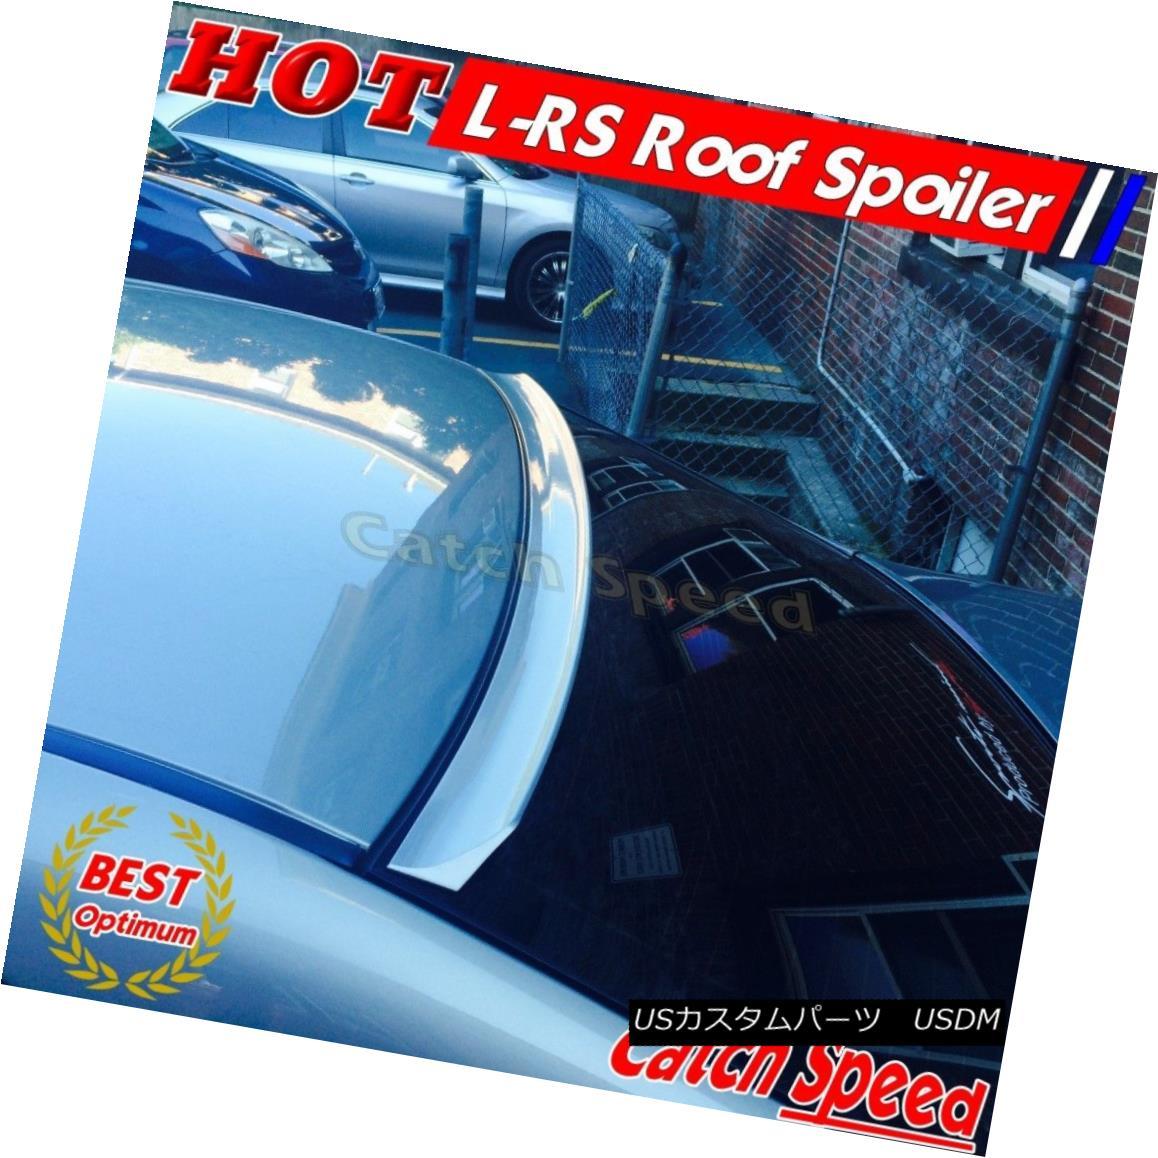 エアロパーツ Flat Black LRS Style Rear Roof Spoiler Wing For Lincoln MKS 2009-2013 Sedan ? リンカーンMKS 2009-2013セダンのフラットブラックLRSスタイルリアルーフスポイラーウィング?